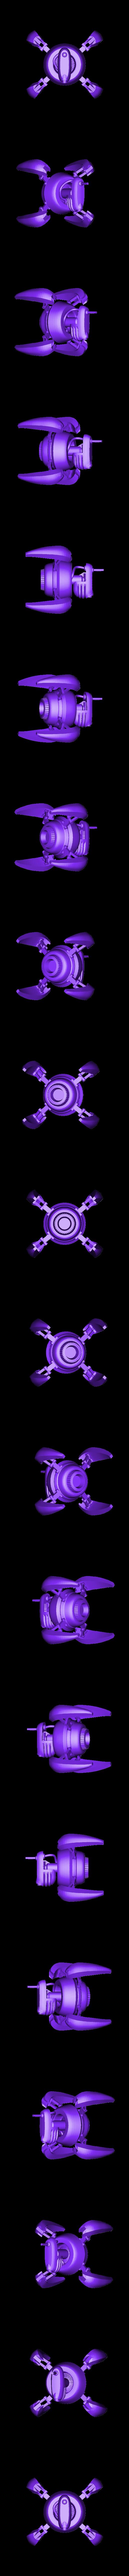 crab-droid.stl Télécharger fichier STL gratuit Droïde de crabe • Design imprimable en 3D, cody5